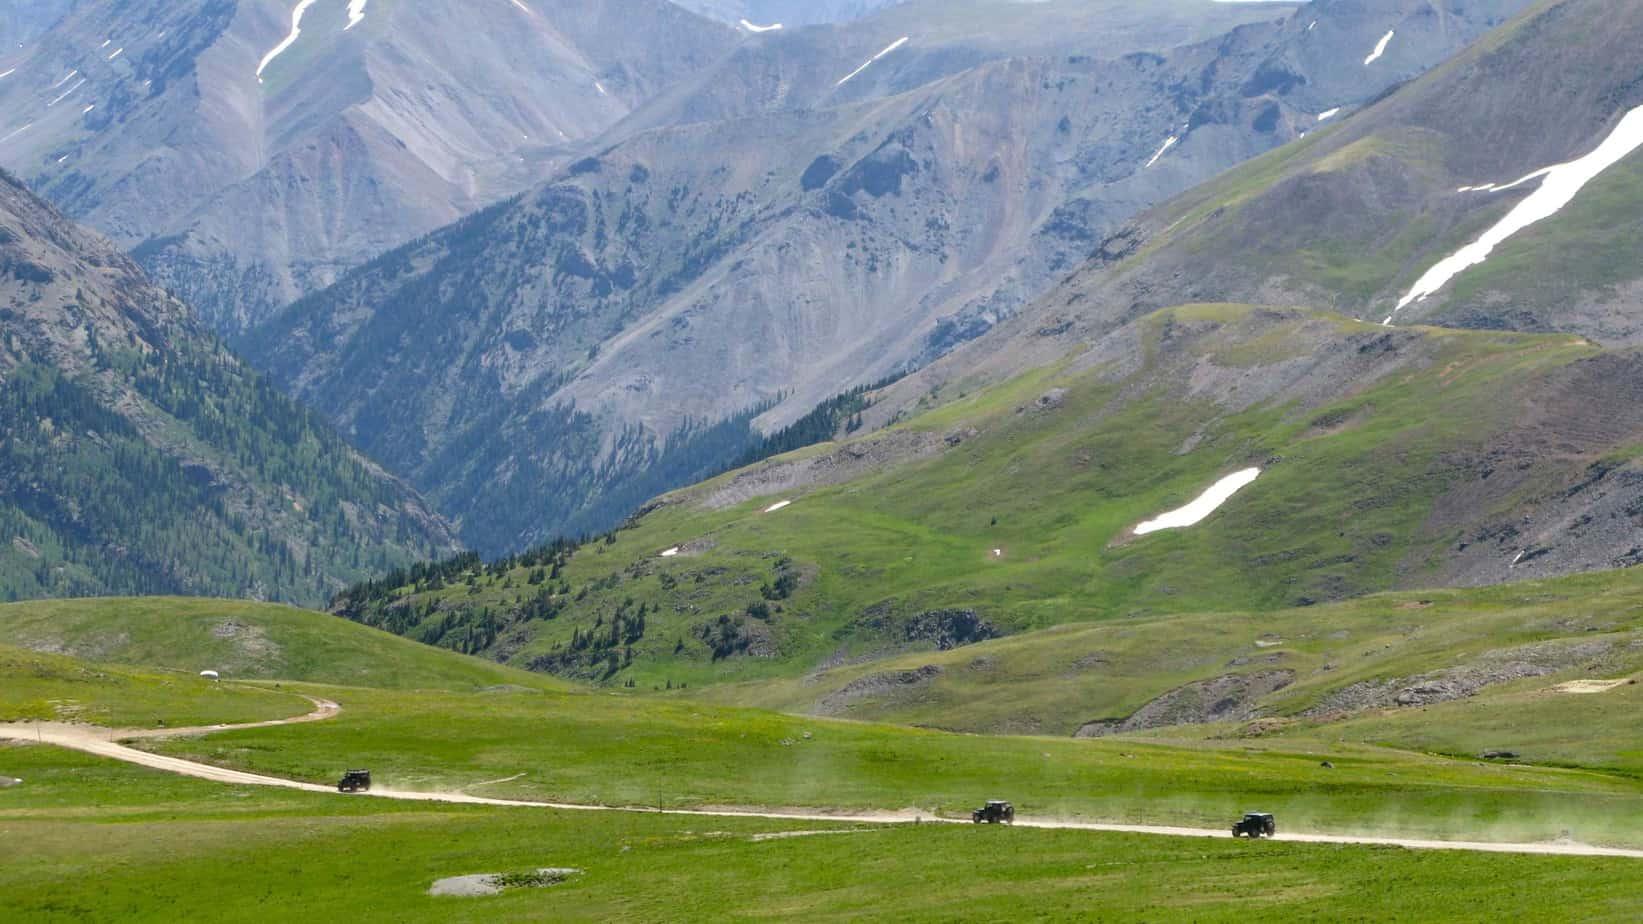 Destinations: Southern Colorado's Alpine Loop